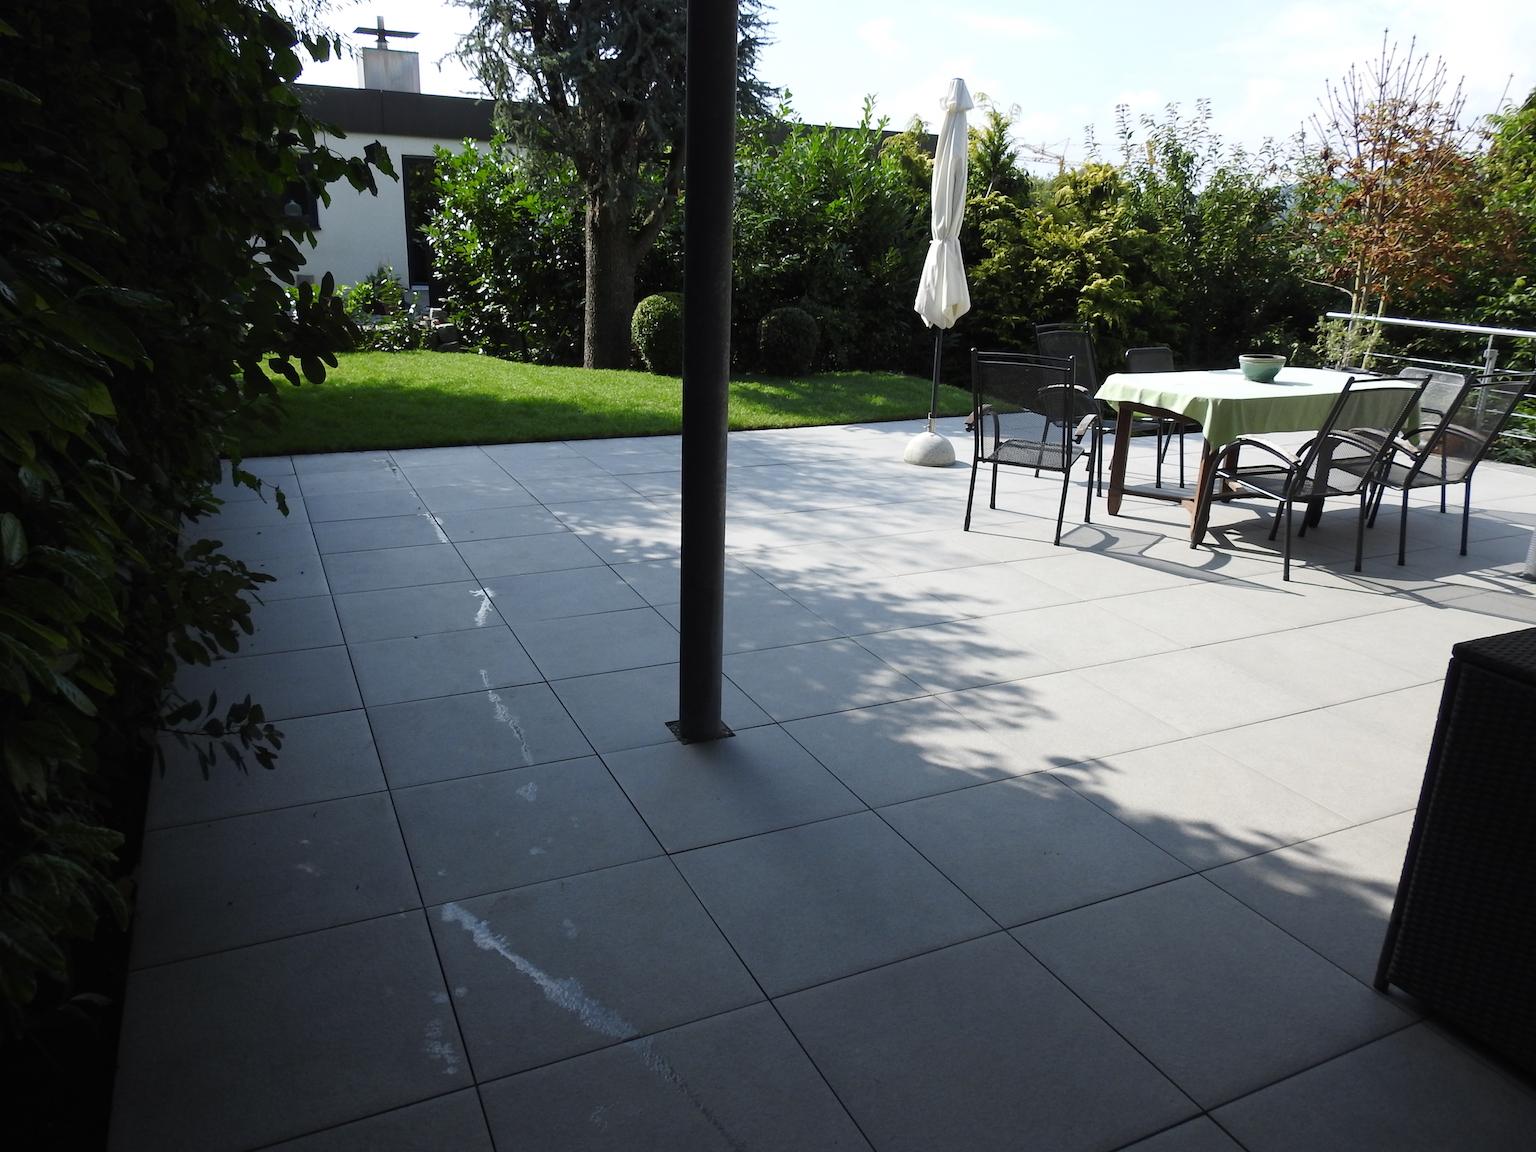 Parkplätze Terrassen Wege BODENSEE GALABAU - Feinsteinzeug für terrasse geeignet